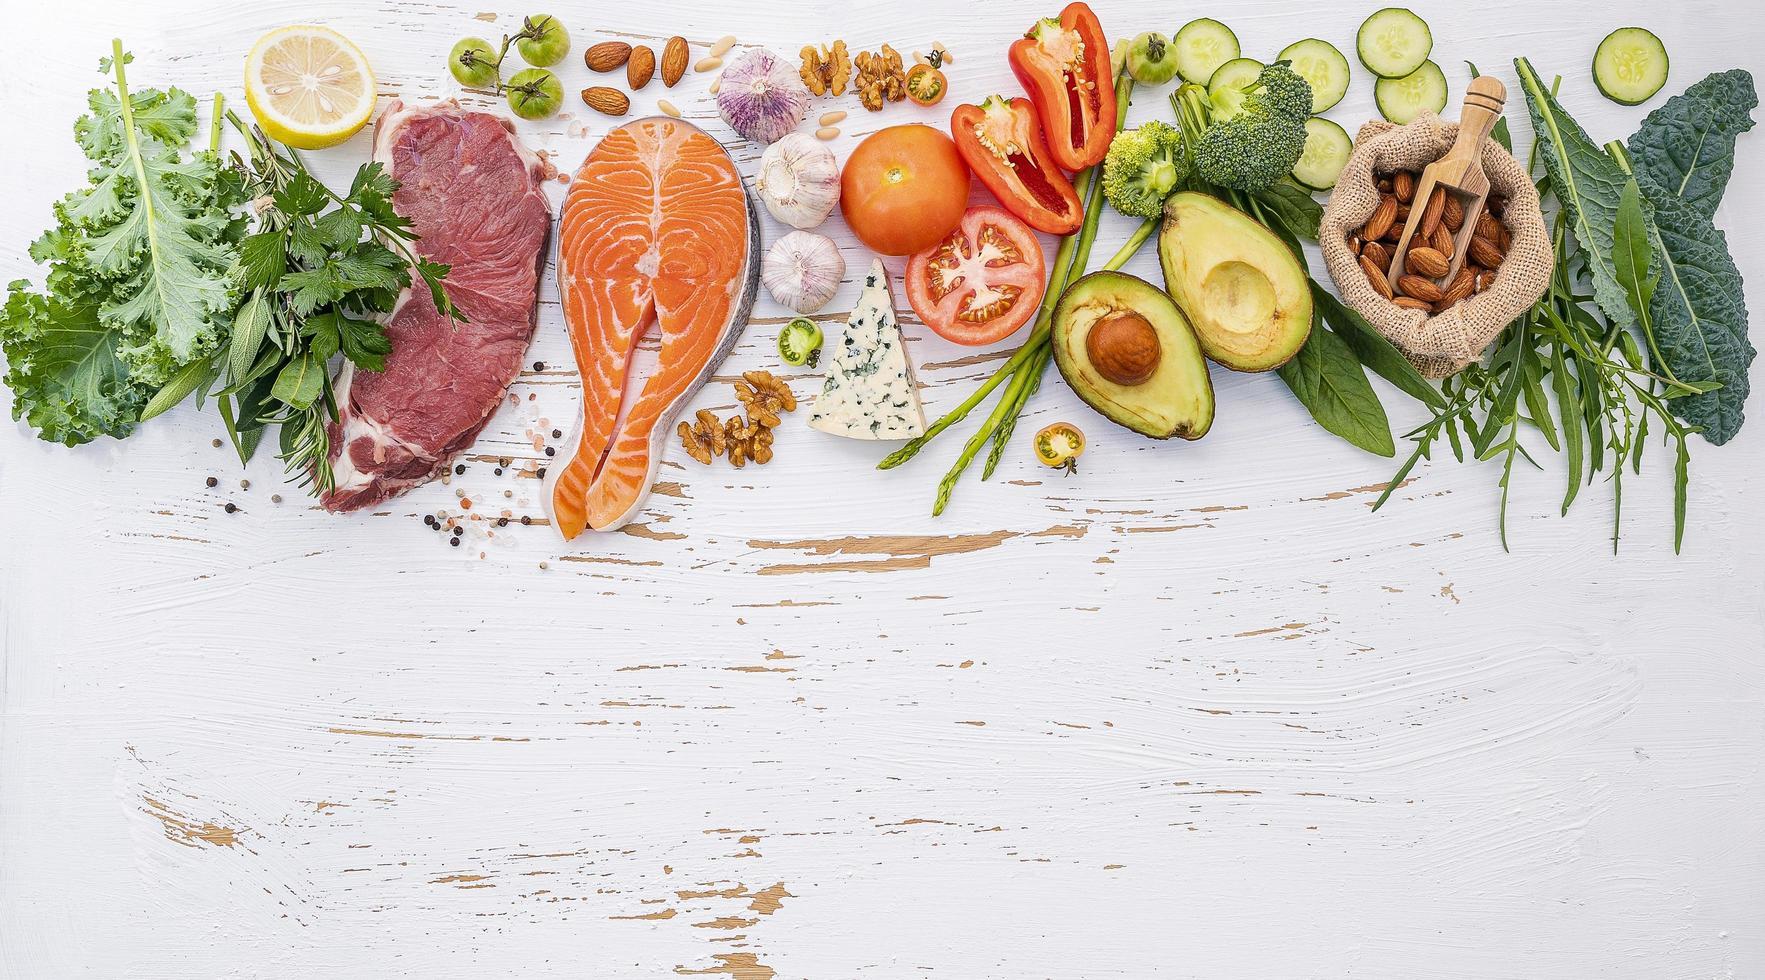 ingredientes de dieta saudável em um fundo branco surrado foto